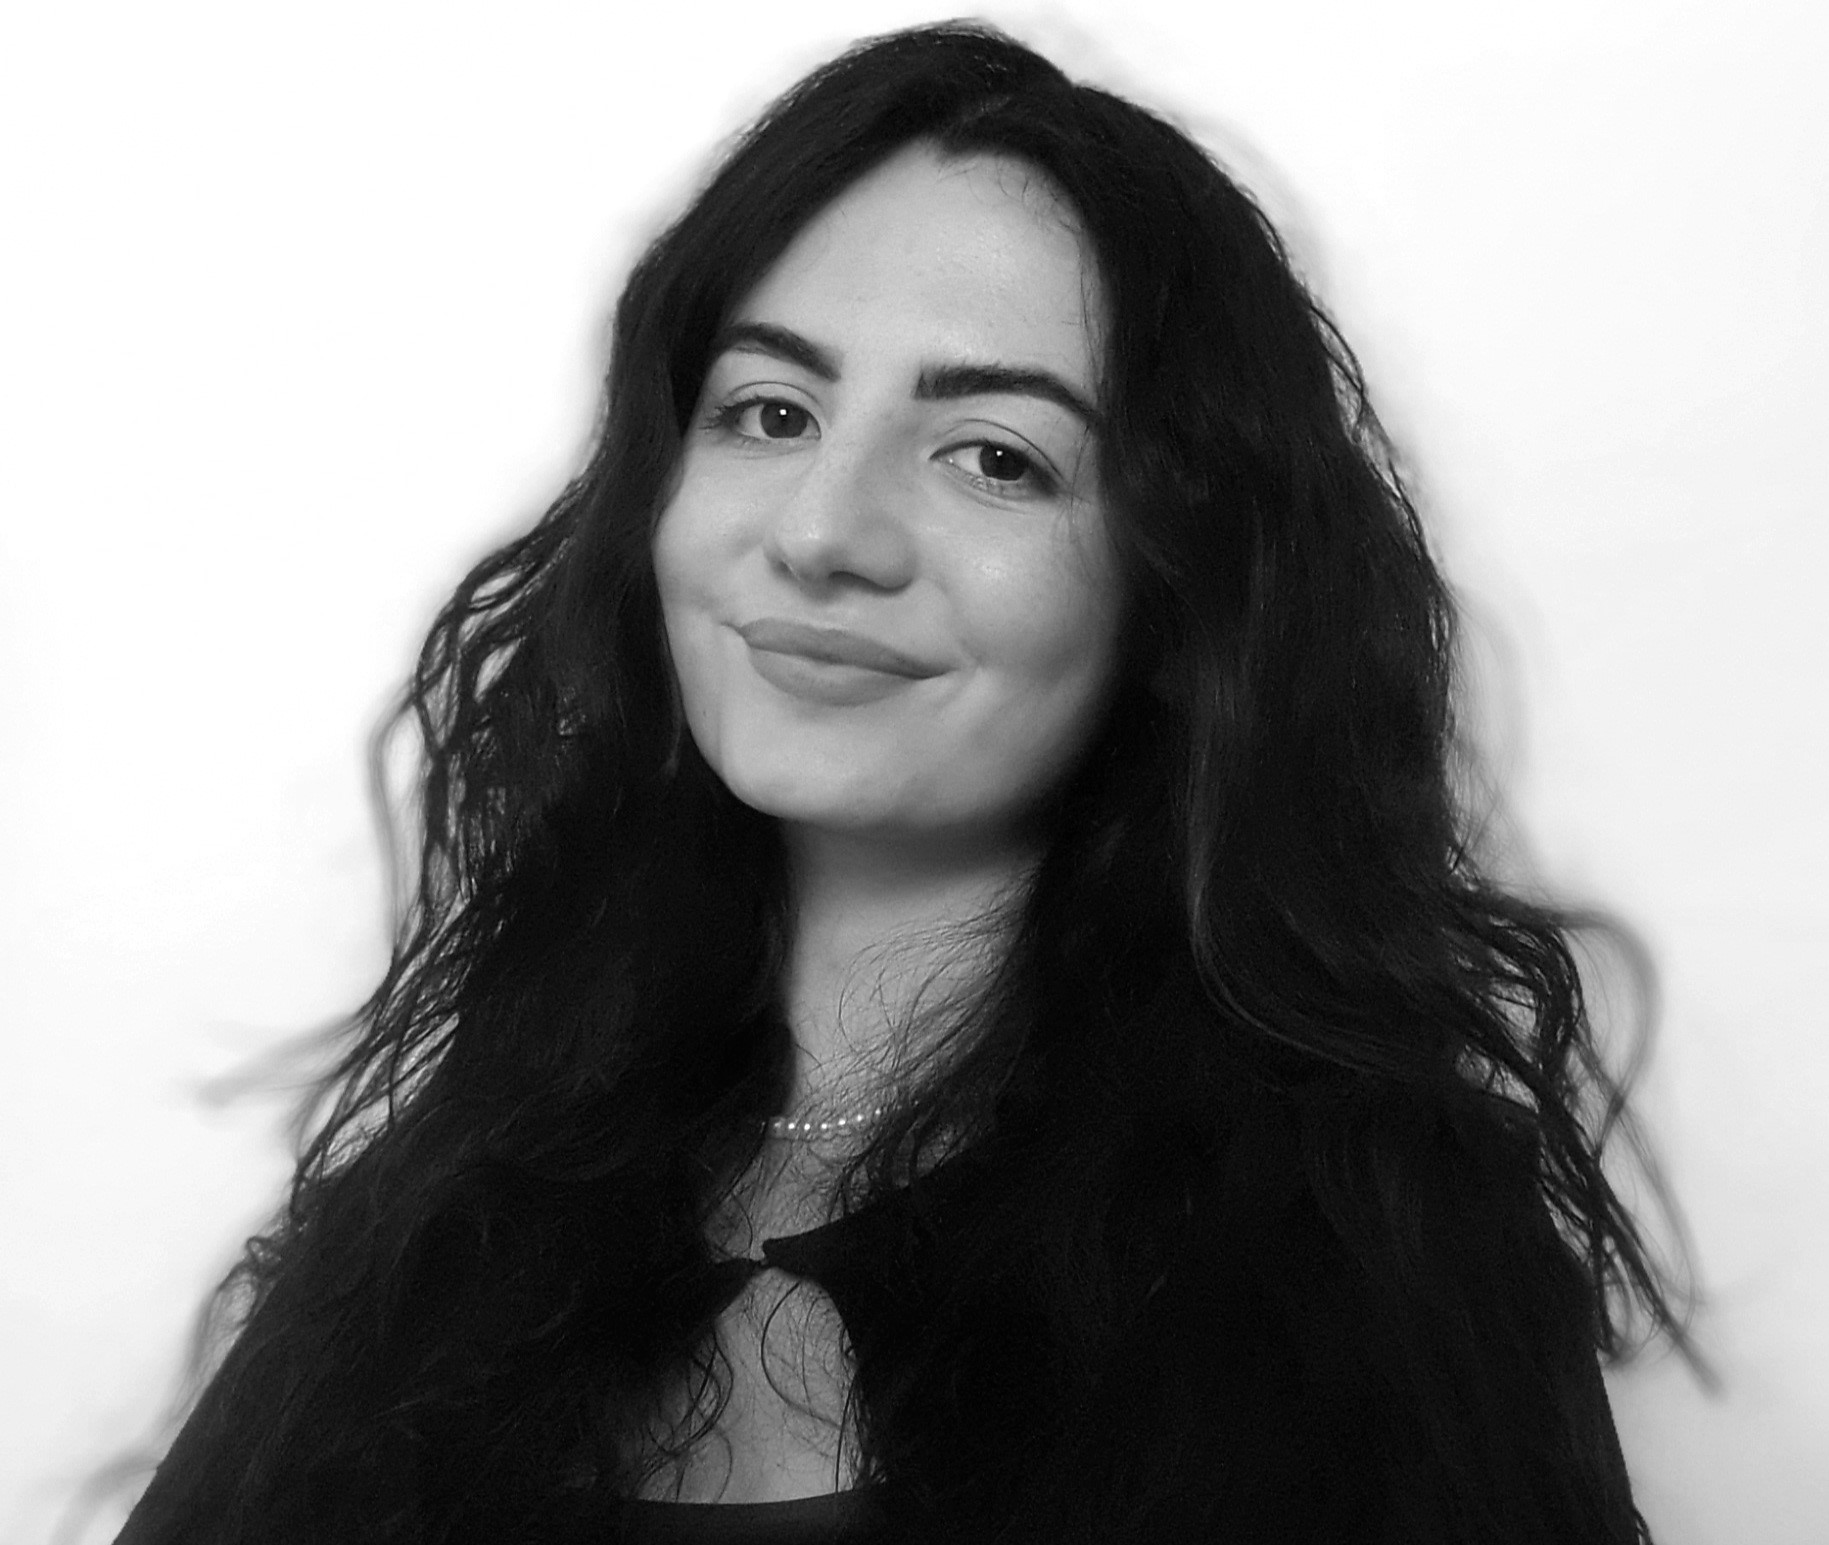 Alessia Pischedda